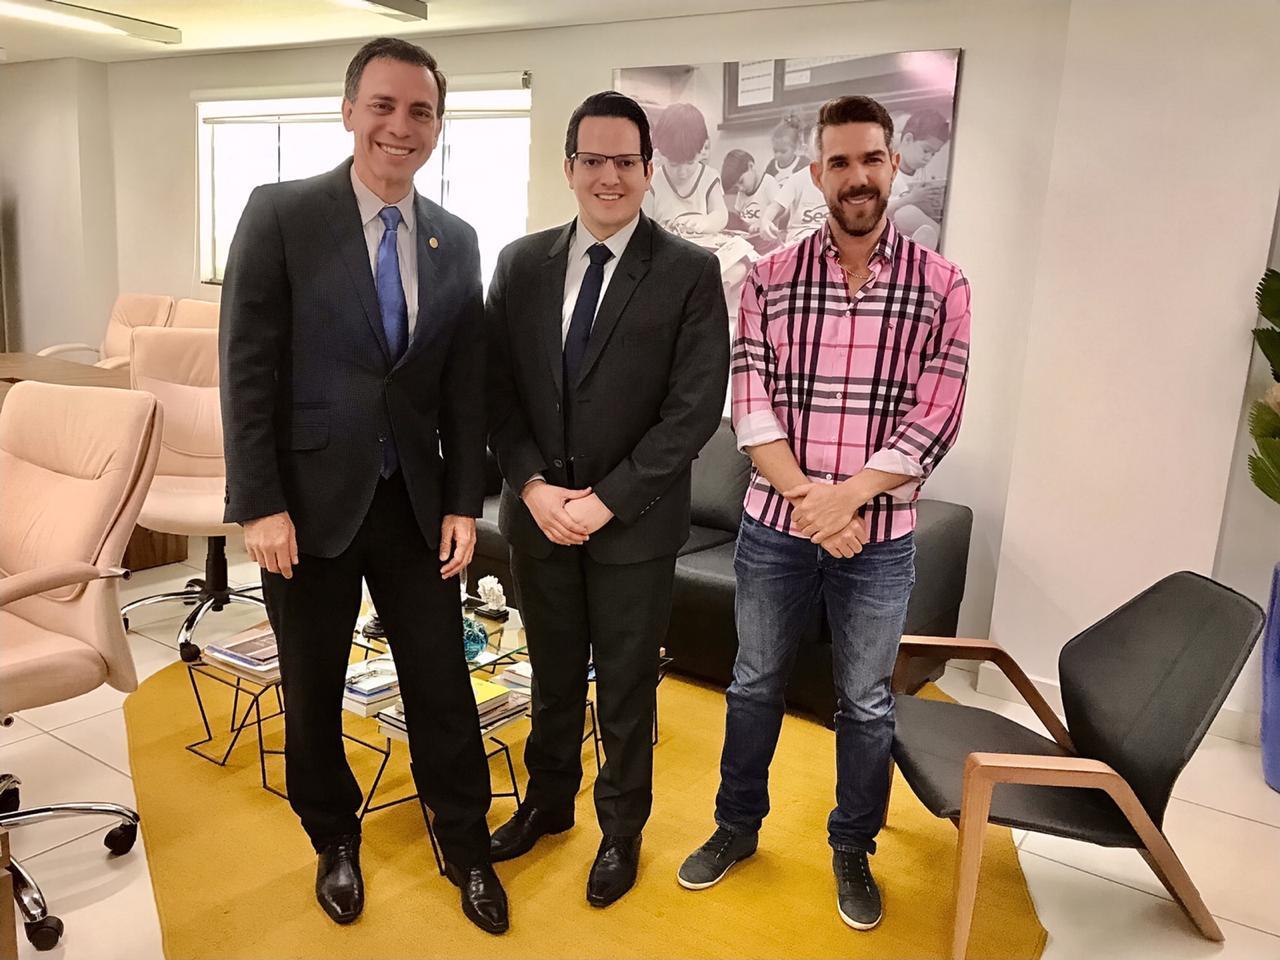 CRECI-GO visita diretor do Sesc Goiás  | CRECI-GO/ Conselho Regional de Corretores de Imóveis de Goiás